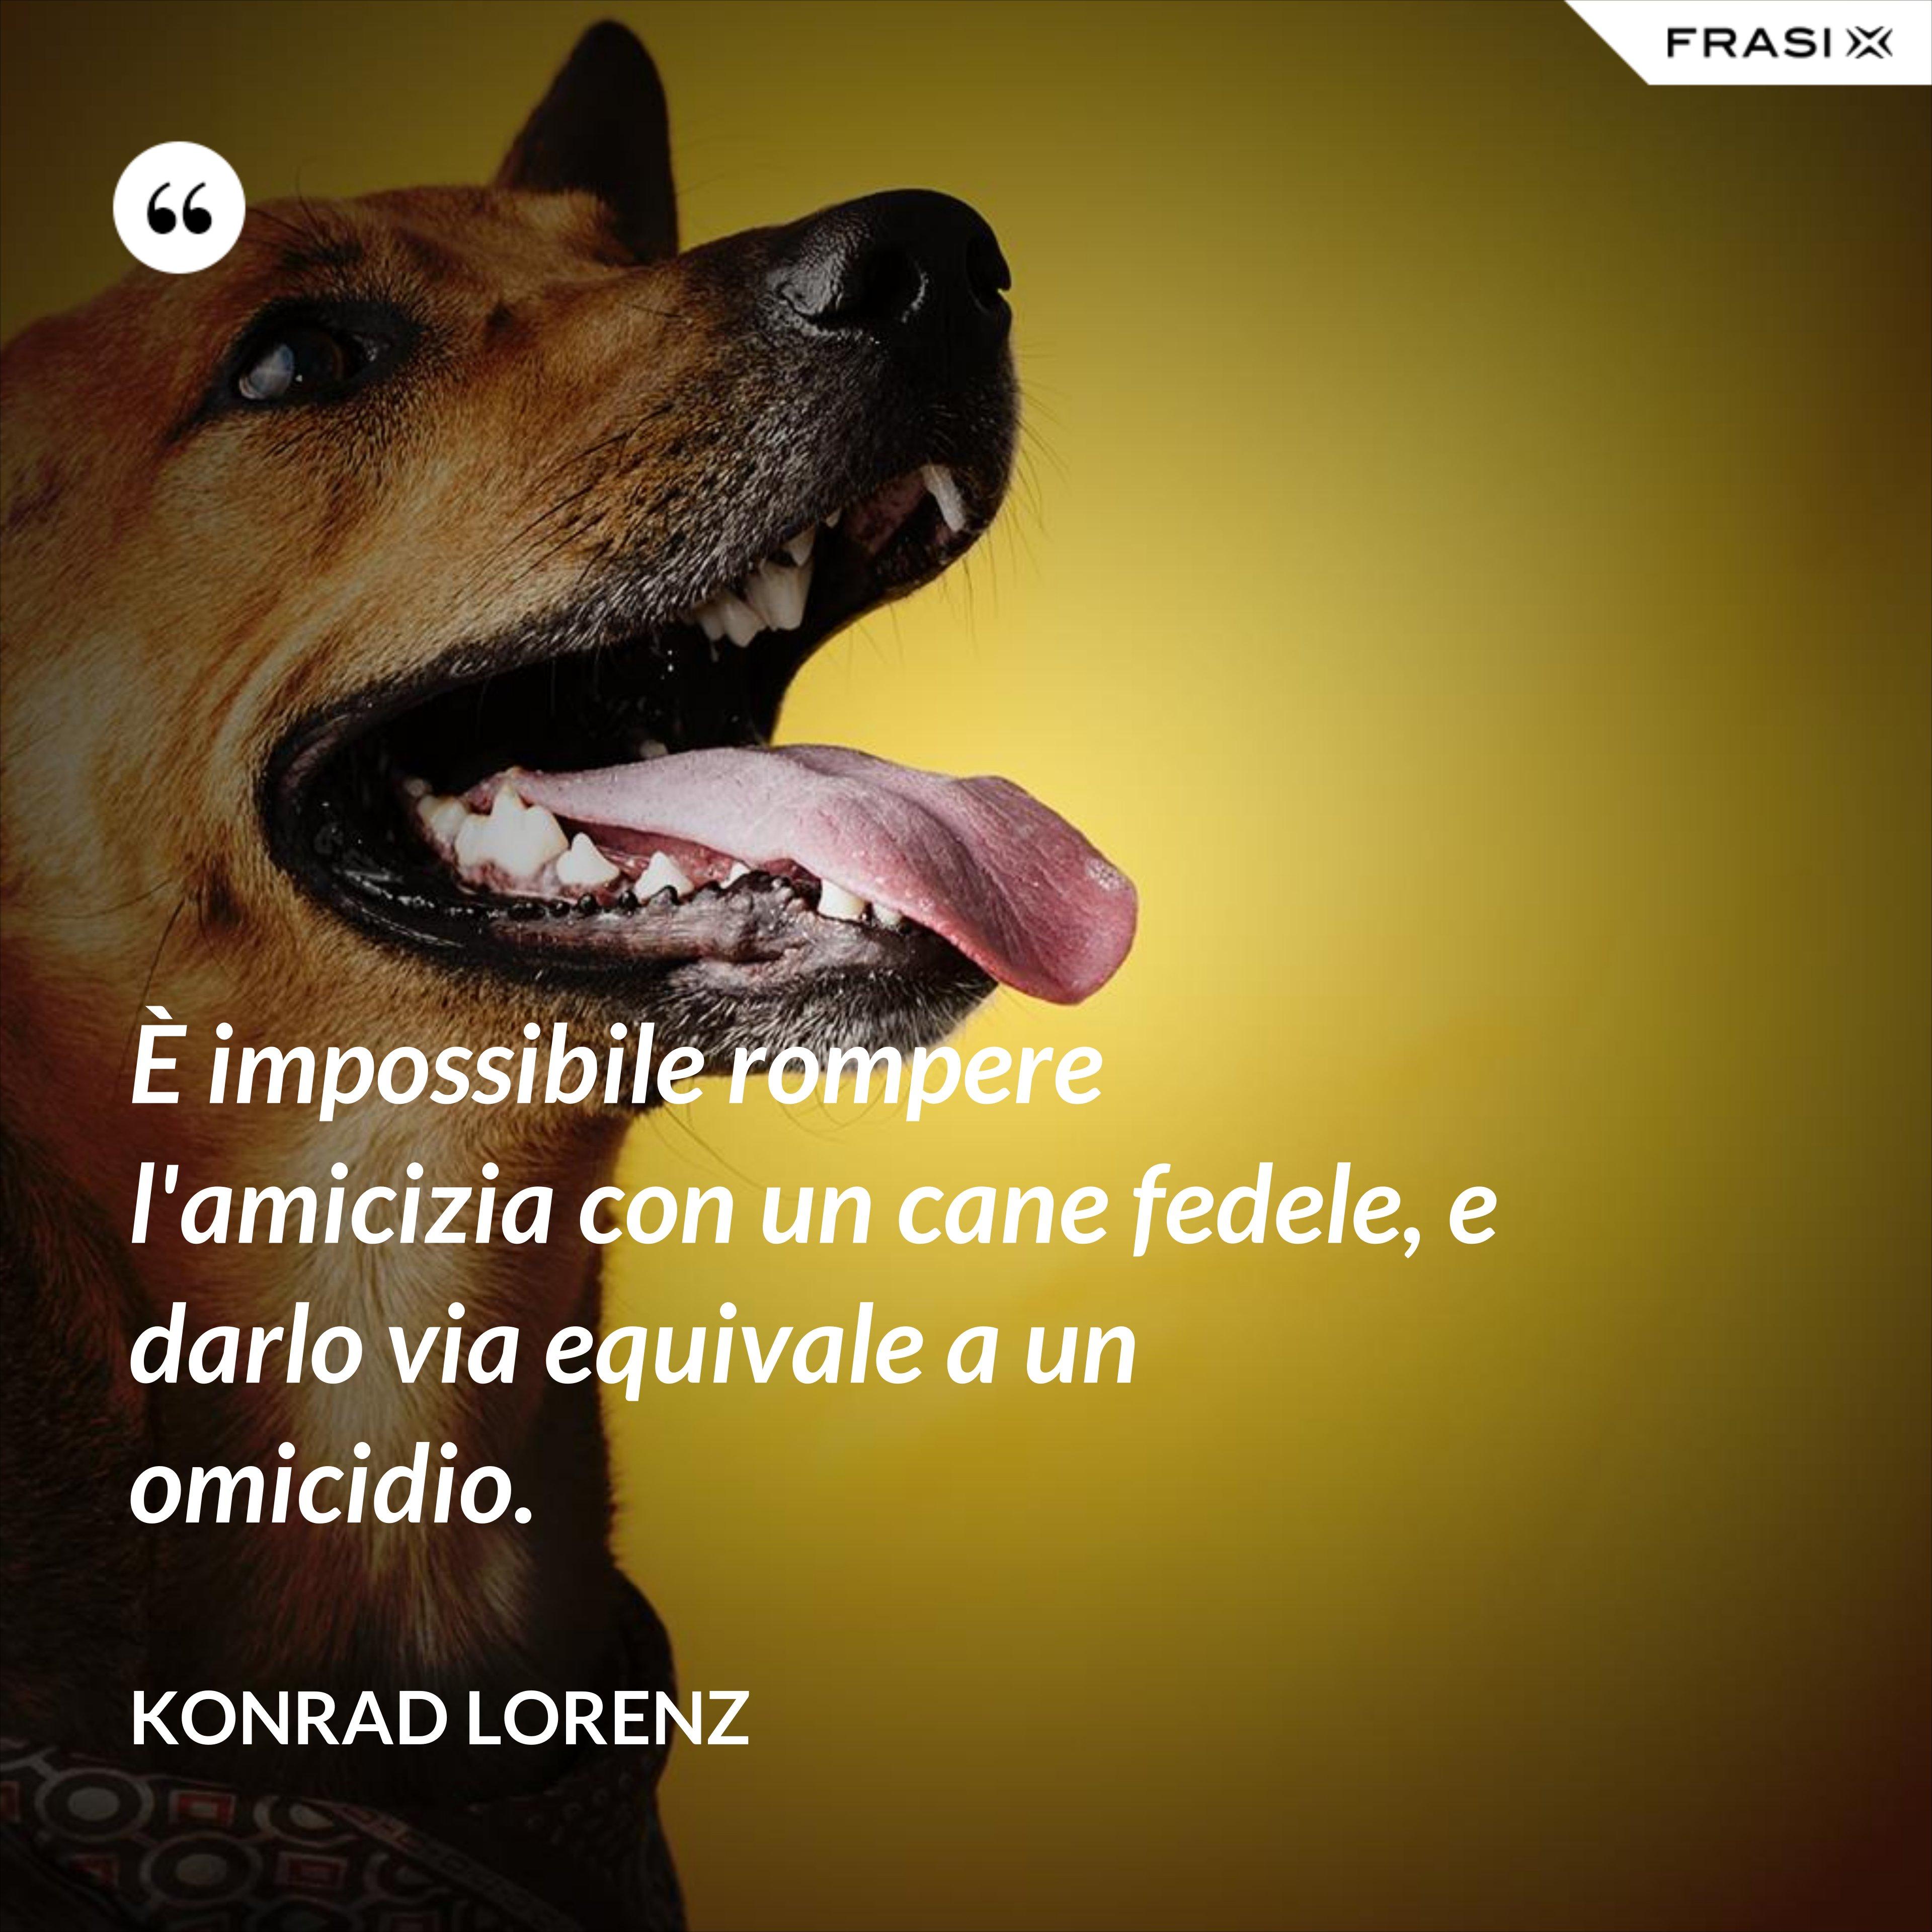 È impossibile rompere l'amicizia con un cane fedele, e darlo via equivale a un omicidio. - Konrad Lorenz